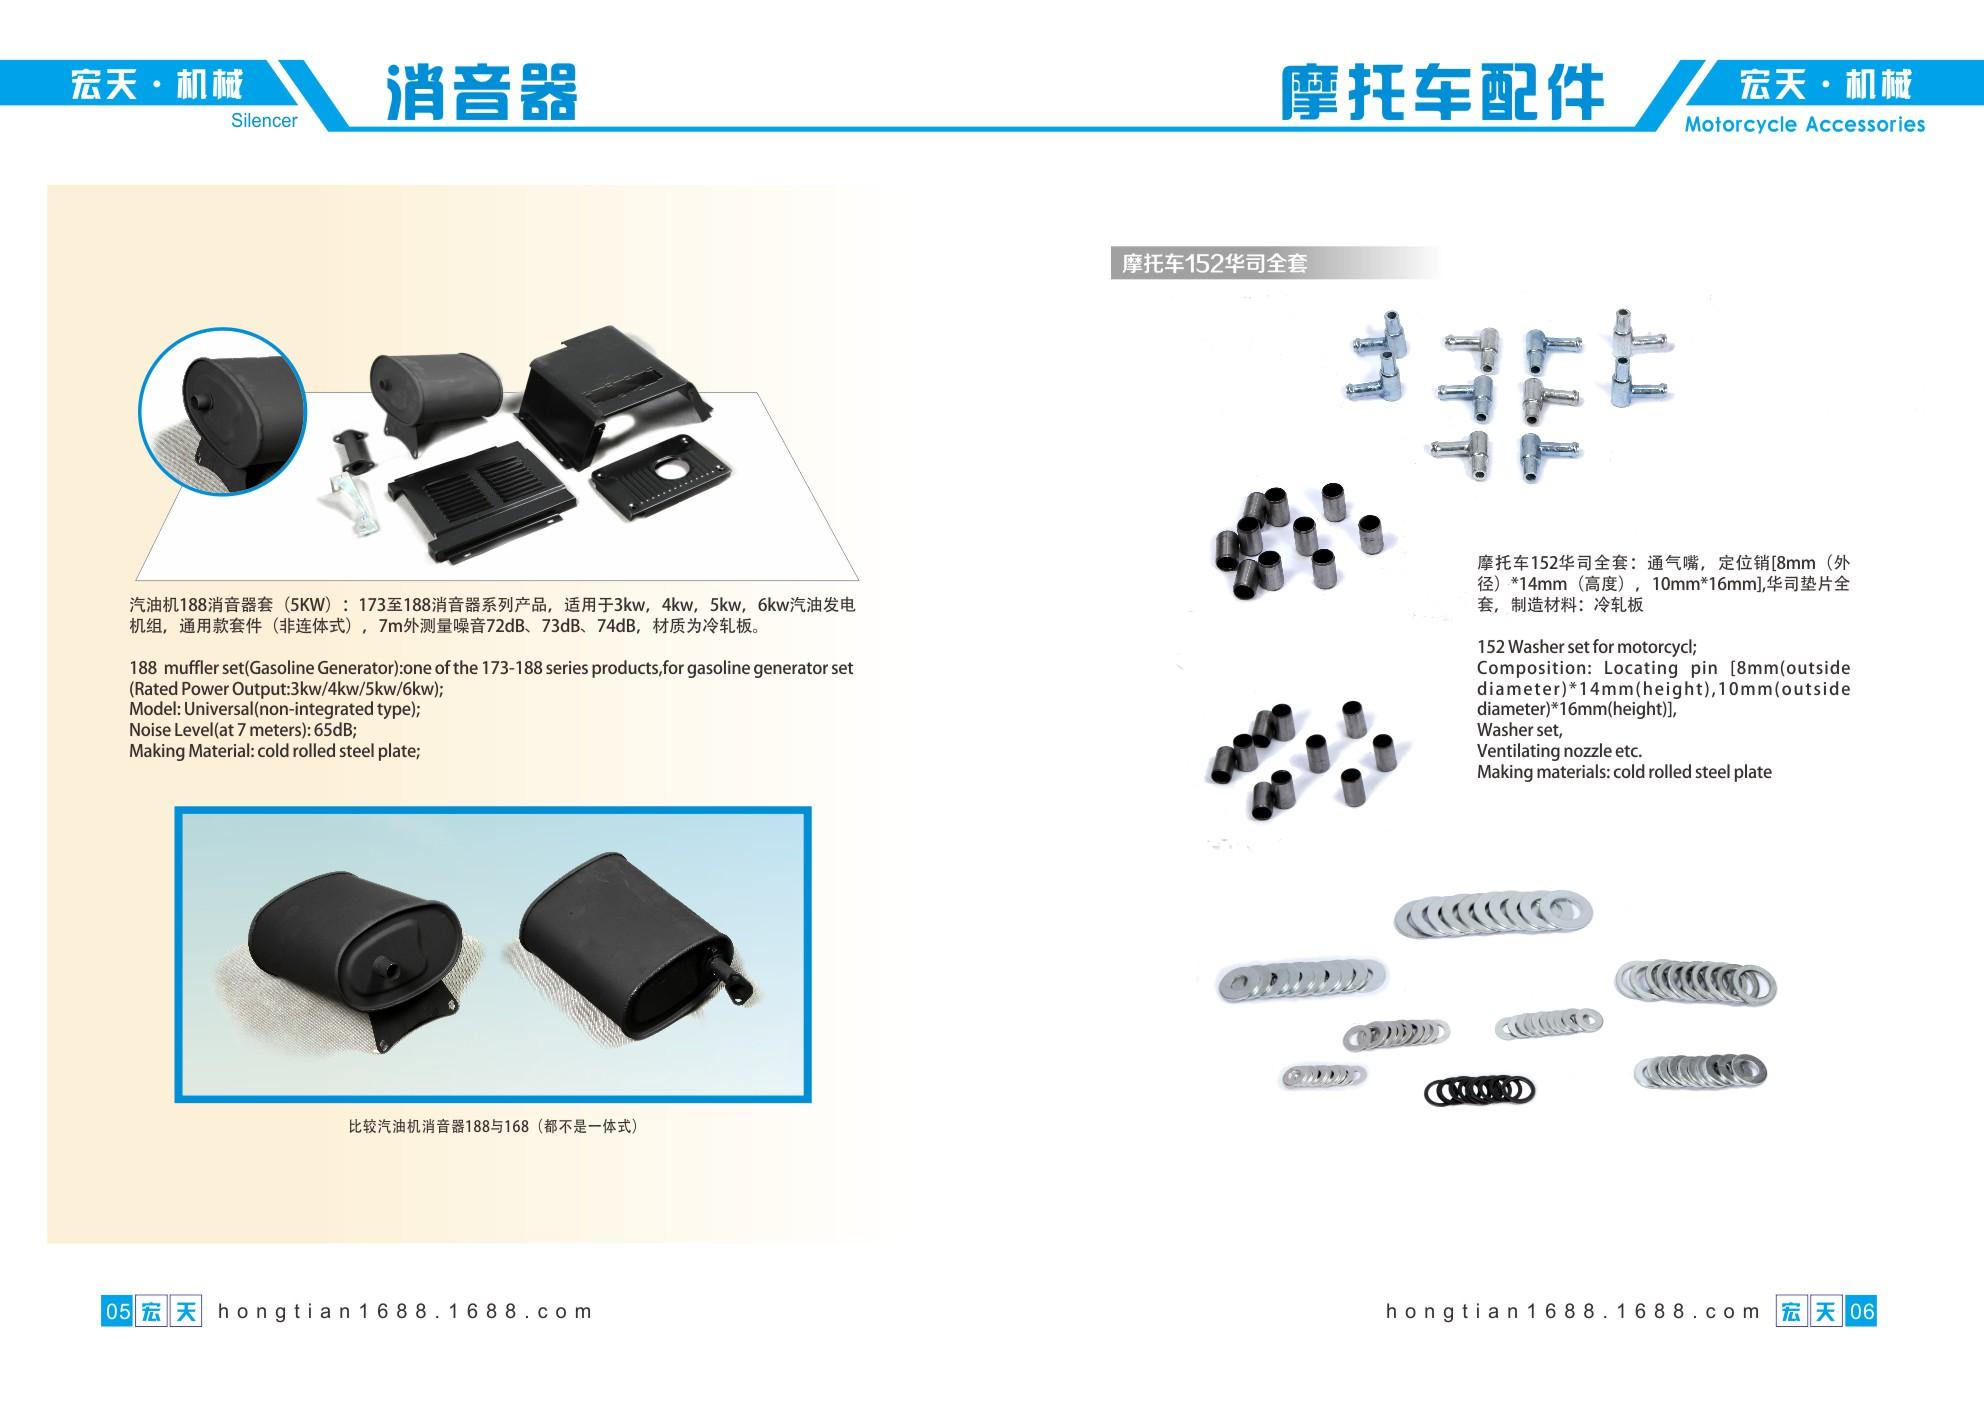 宏天画册案例_铭原广告设计工作室机械展示_涂料绿色建筑设计